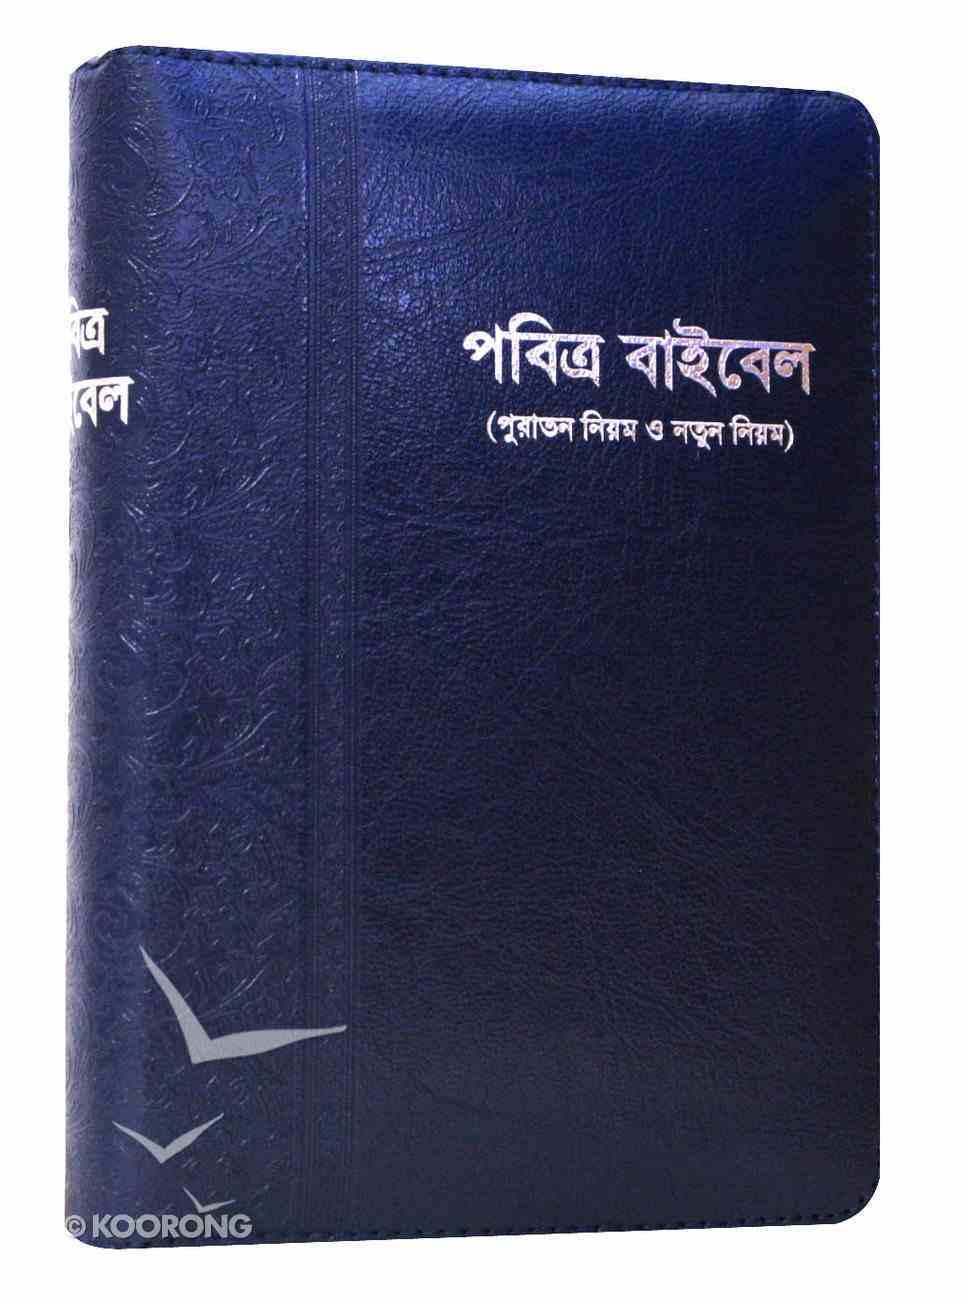 Bangala Common Language Bible (Zip Closure) Imitation Leather